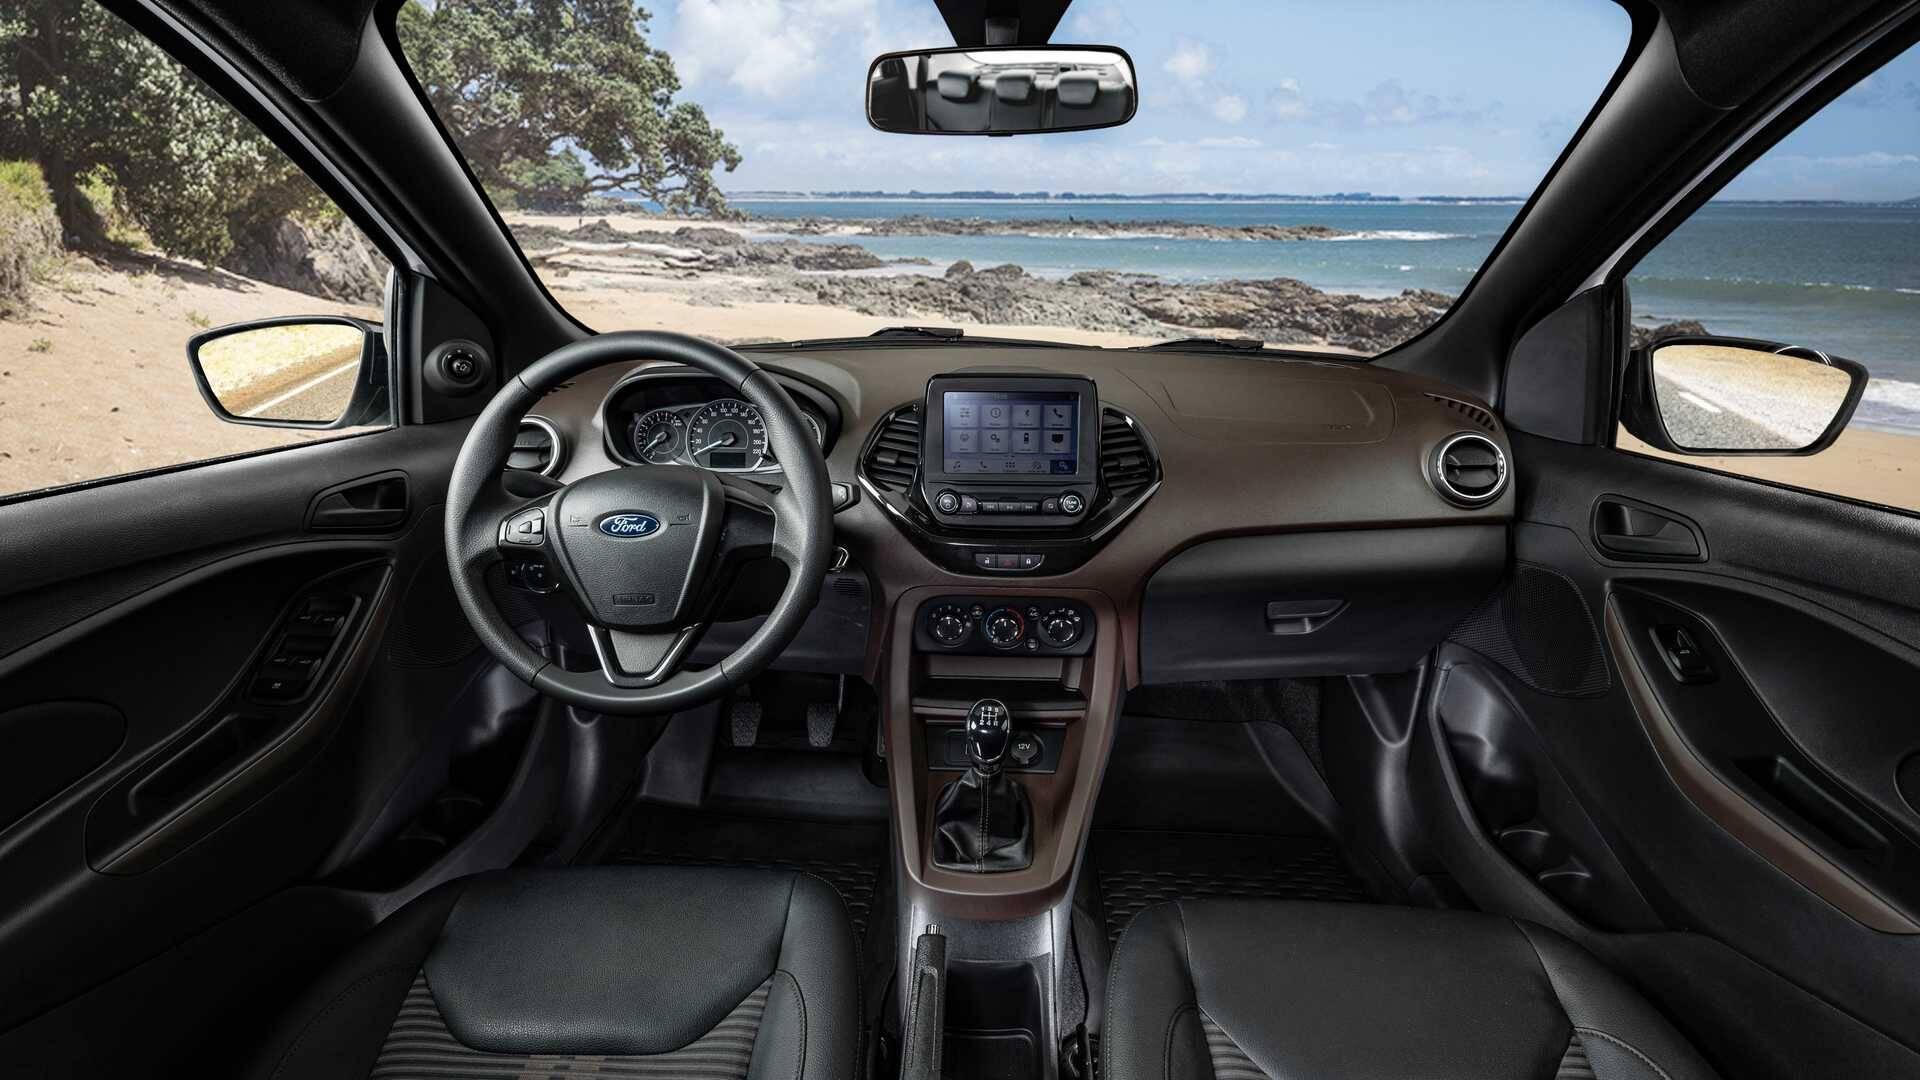 Ford Ka Freestyle. Foto: Divulgação